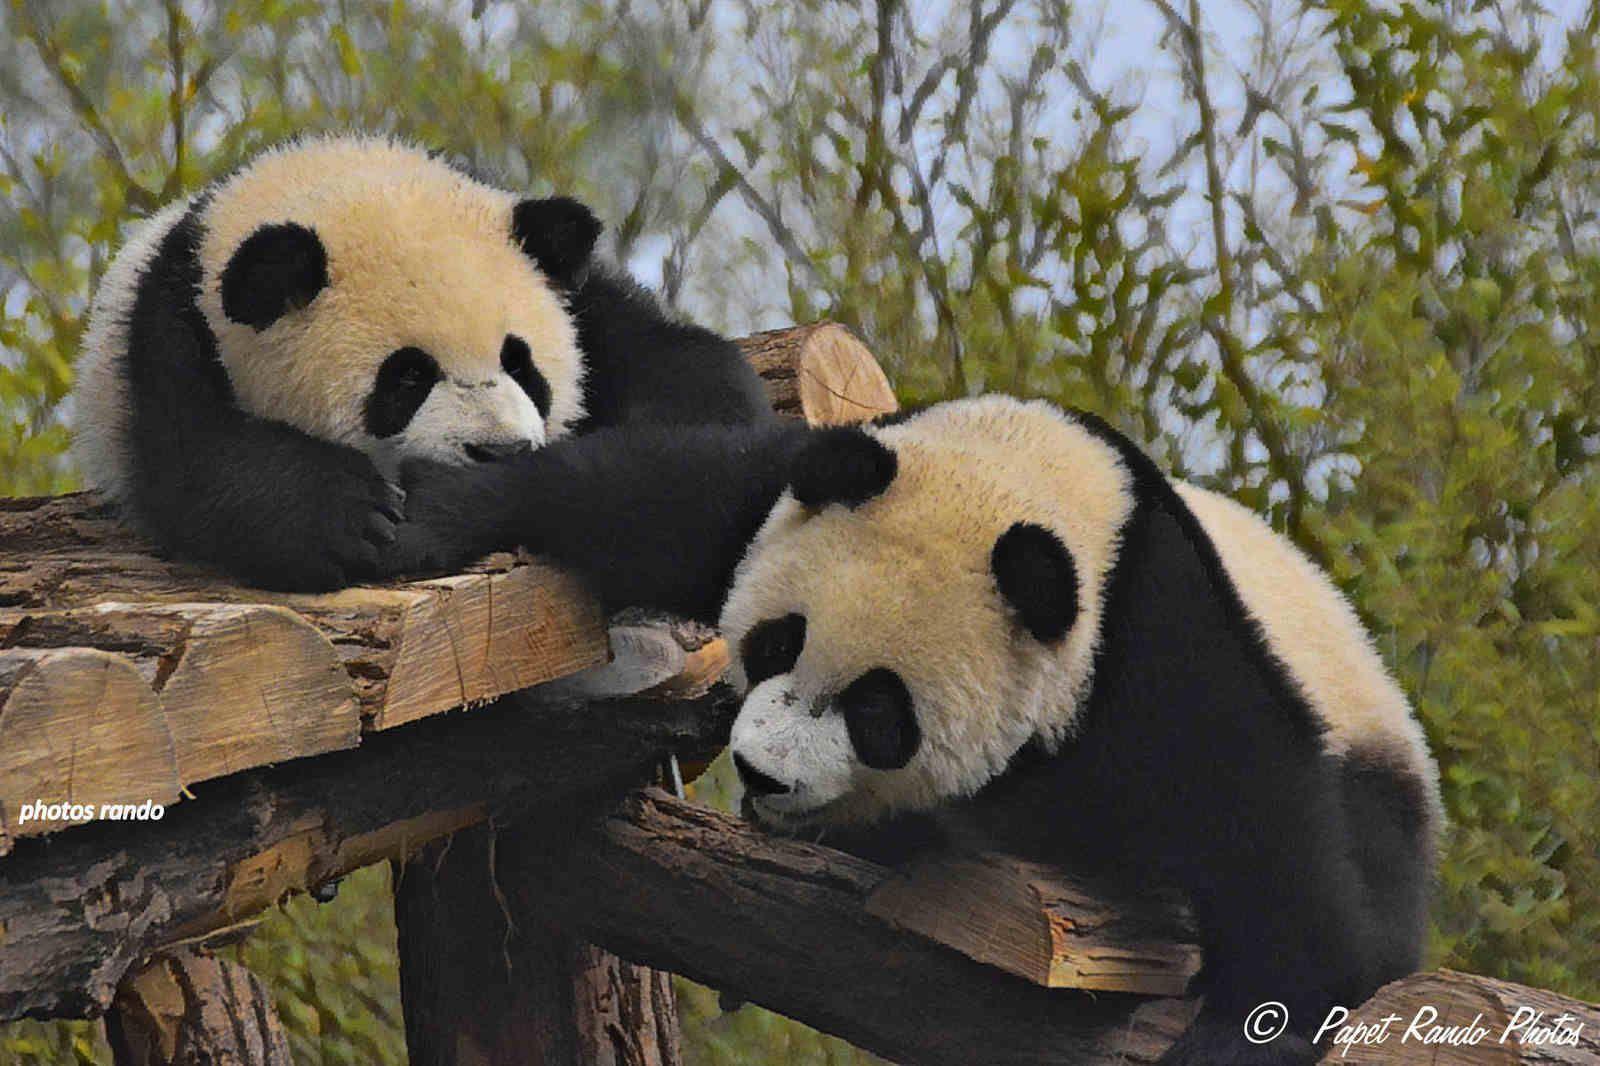 Les Photos  = 2014 Hao Hao 2014 (femelle) Xing Hui (Male), puis 2016  Tian Bao avec sa maman Hao Hao,2020  photos Hao Hao avec les jumeaux Bao Di (petit frere de Tian Bao) Bao Mei petite soeur de Tian Bao